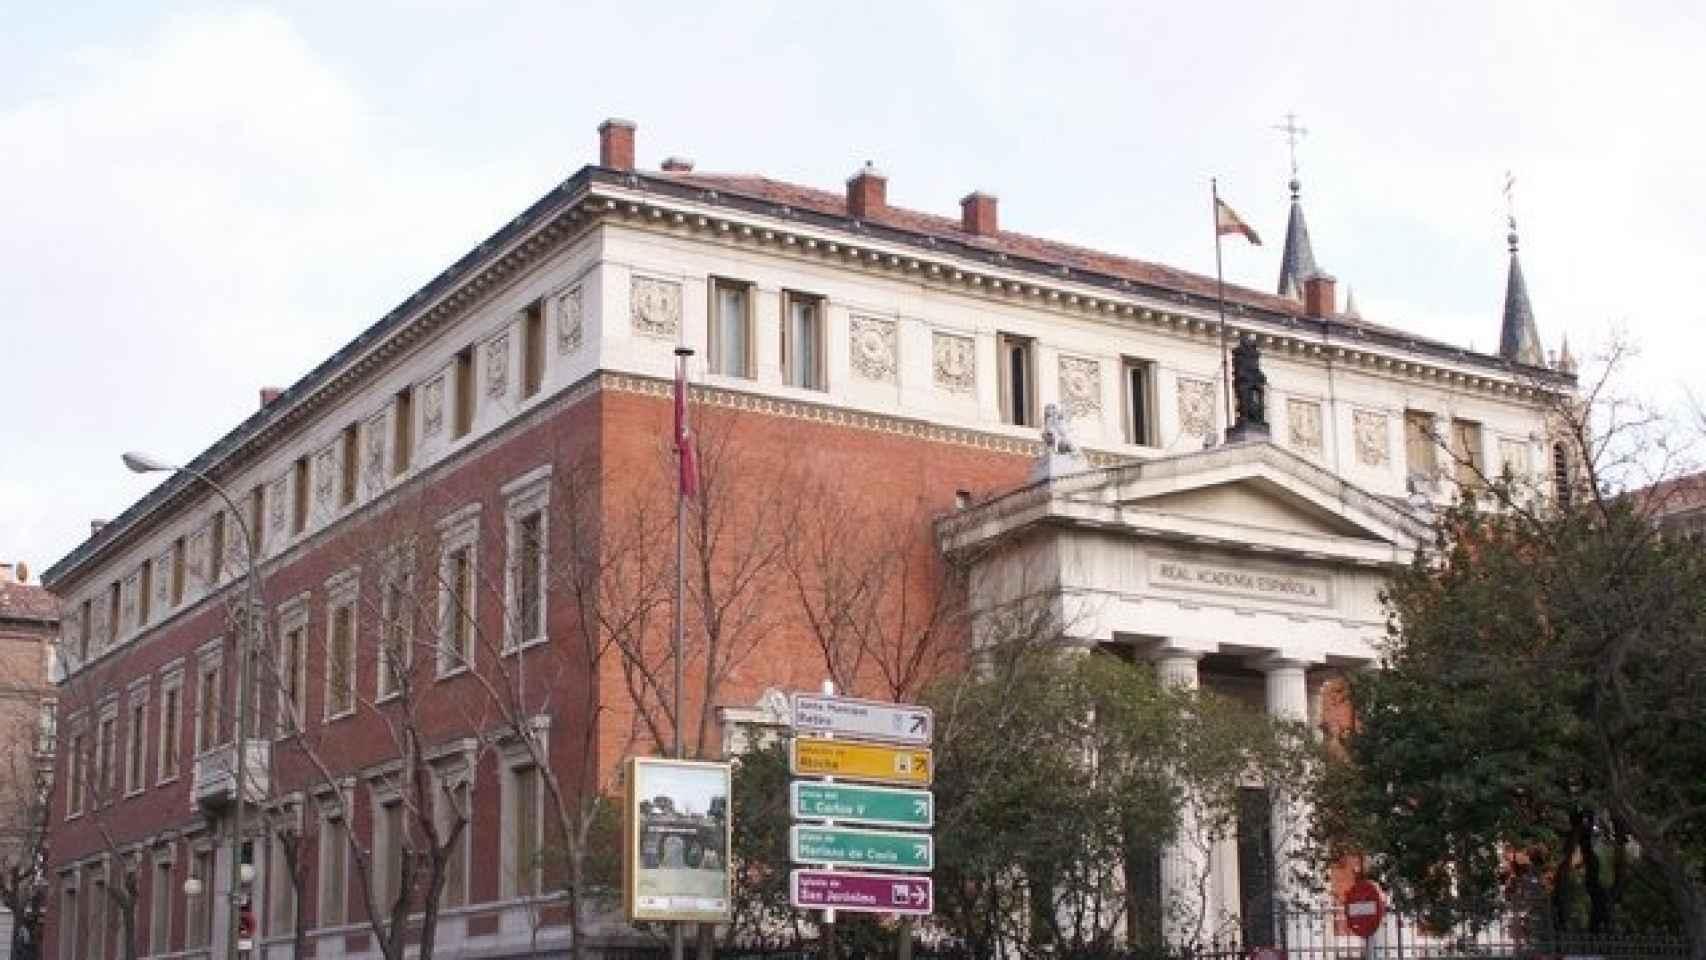 Fachada de la Real Academia de la Lengua/J.L. De Diego/Dominio Público